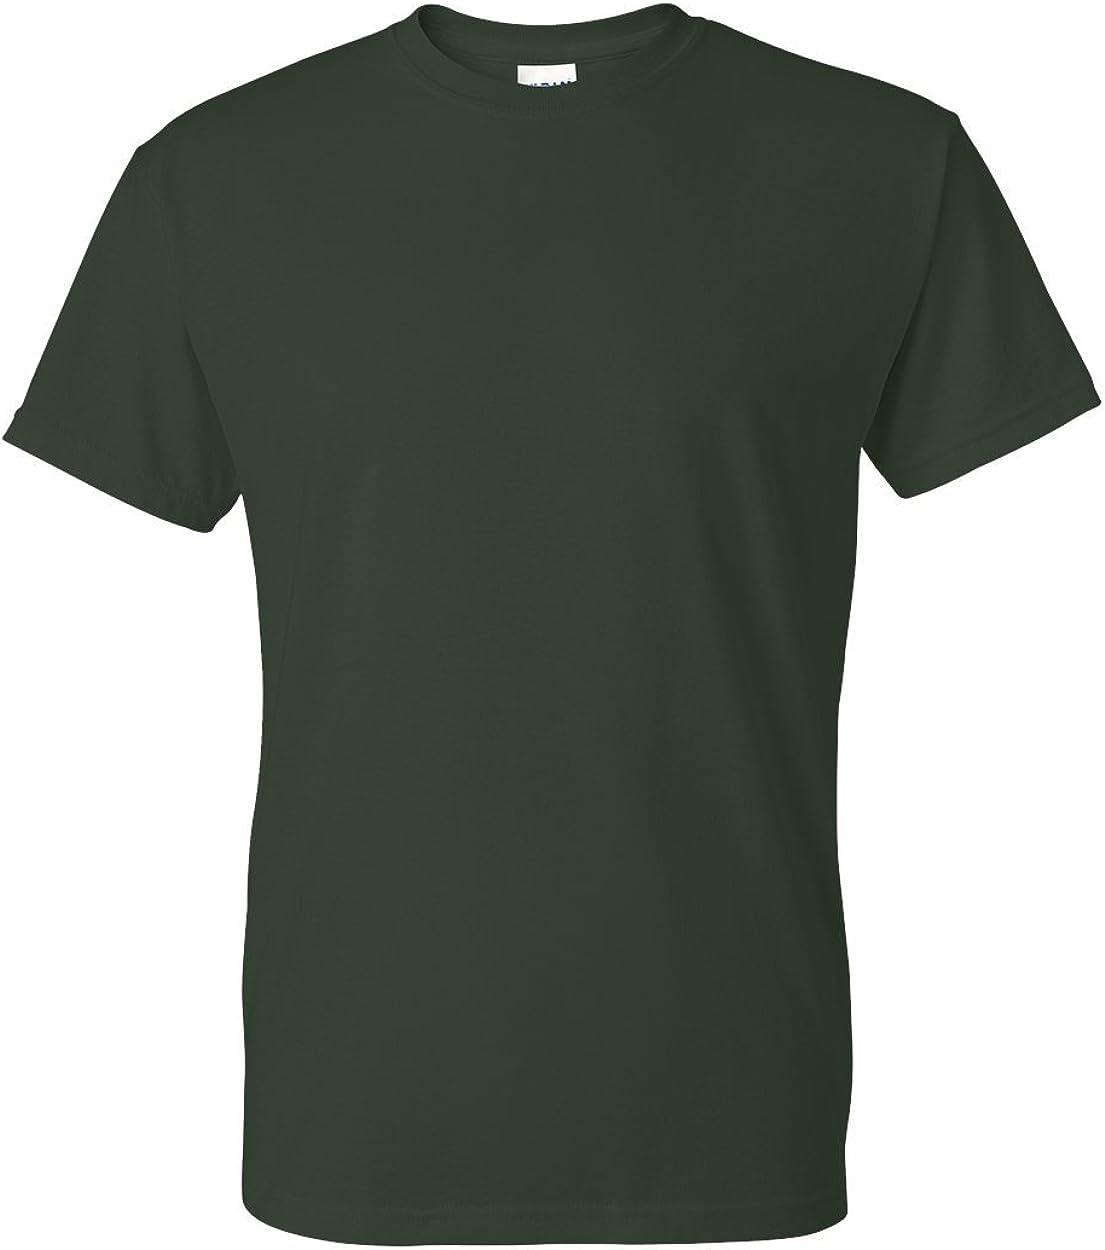 Garden T-shirt M L 2XL NWT Plays In The Dirt Green Cotton Short Sleeved Gildan